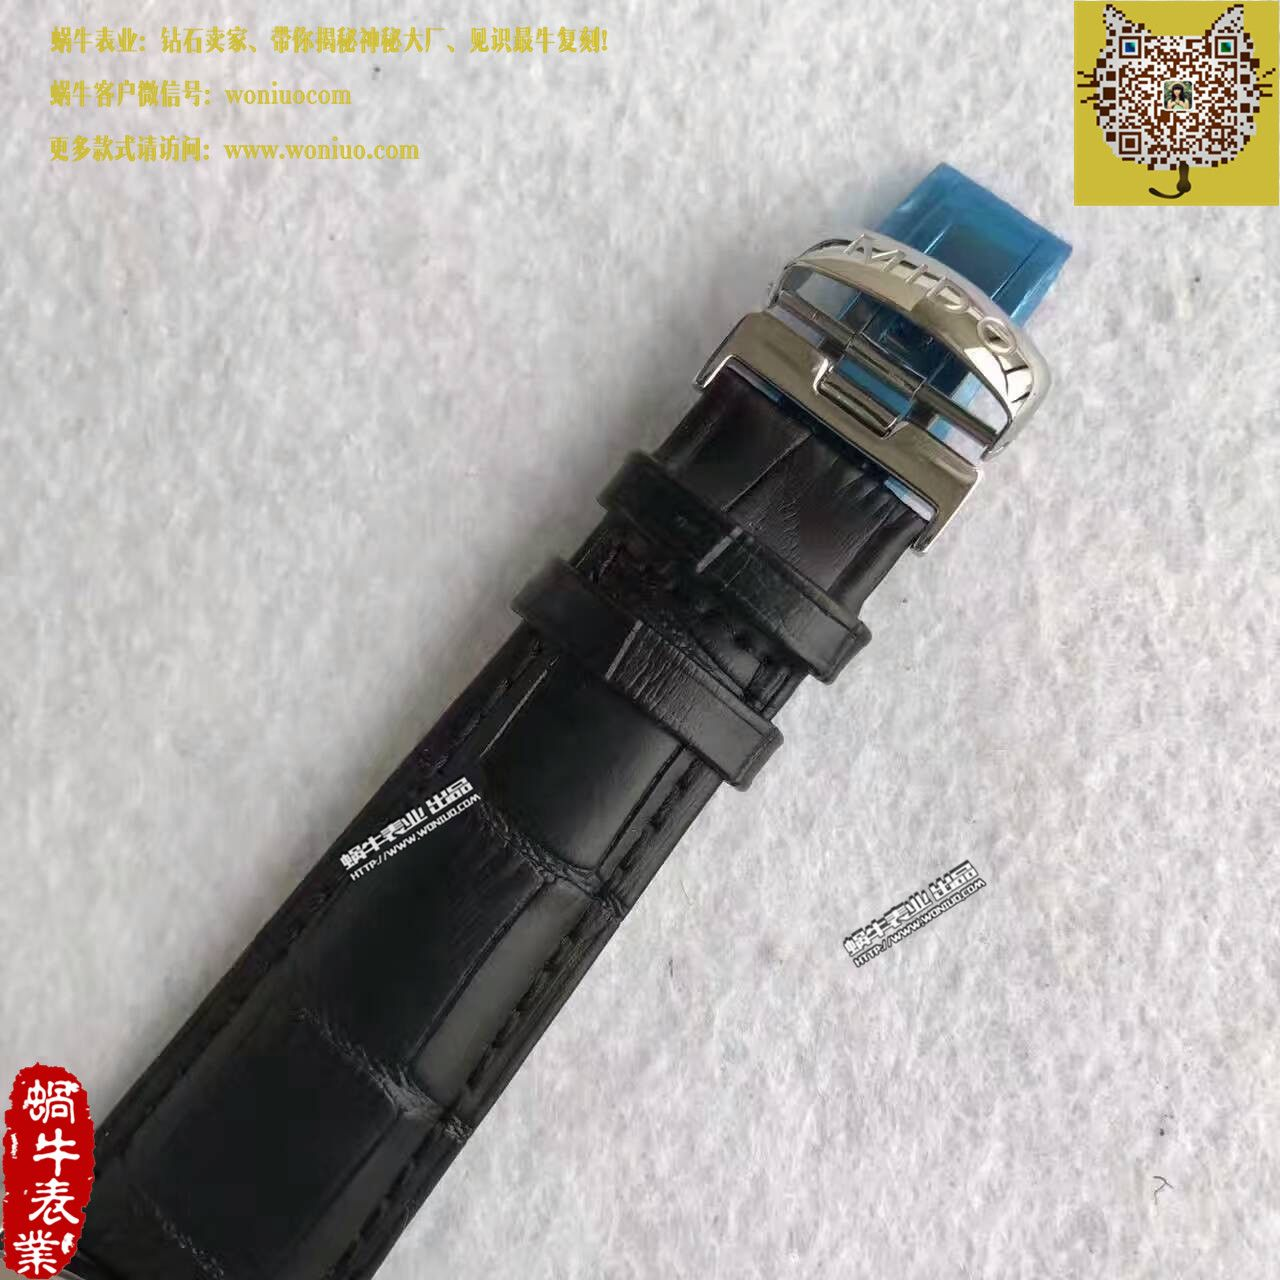 【台湾厂1比1超A高仿手表】美度指挥官系列M021.431.11.061.01腕表